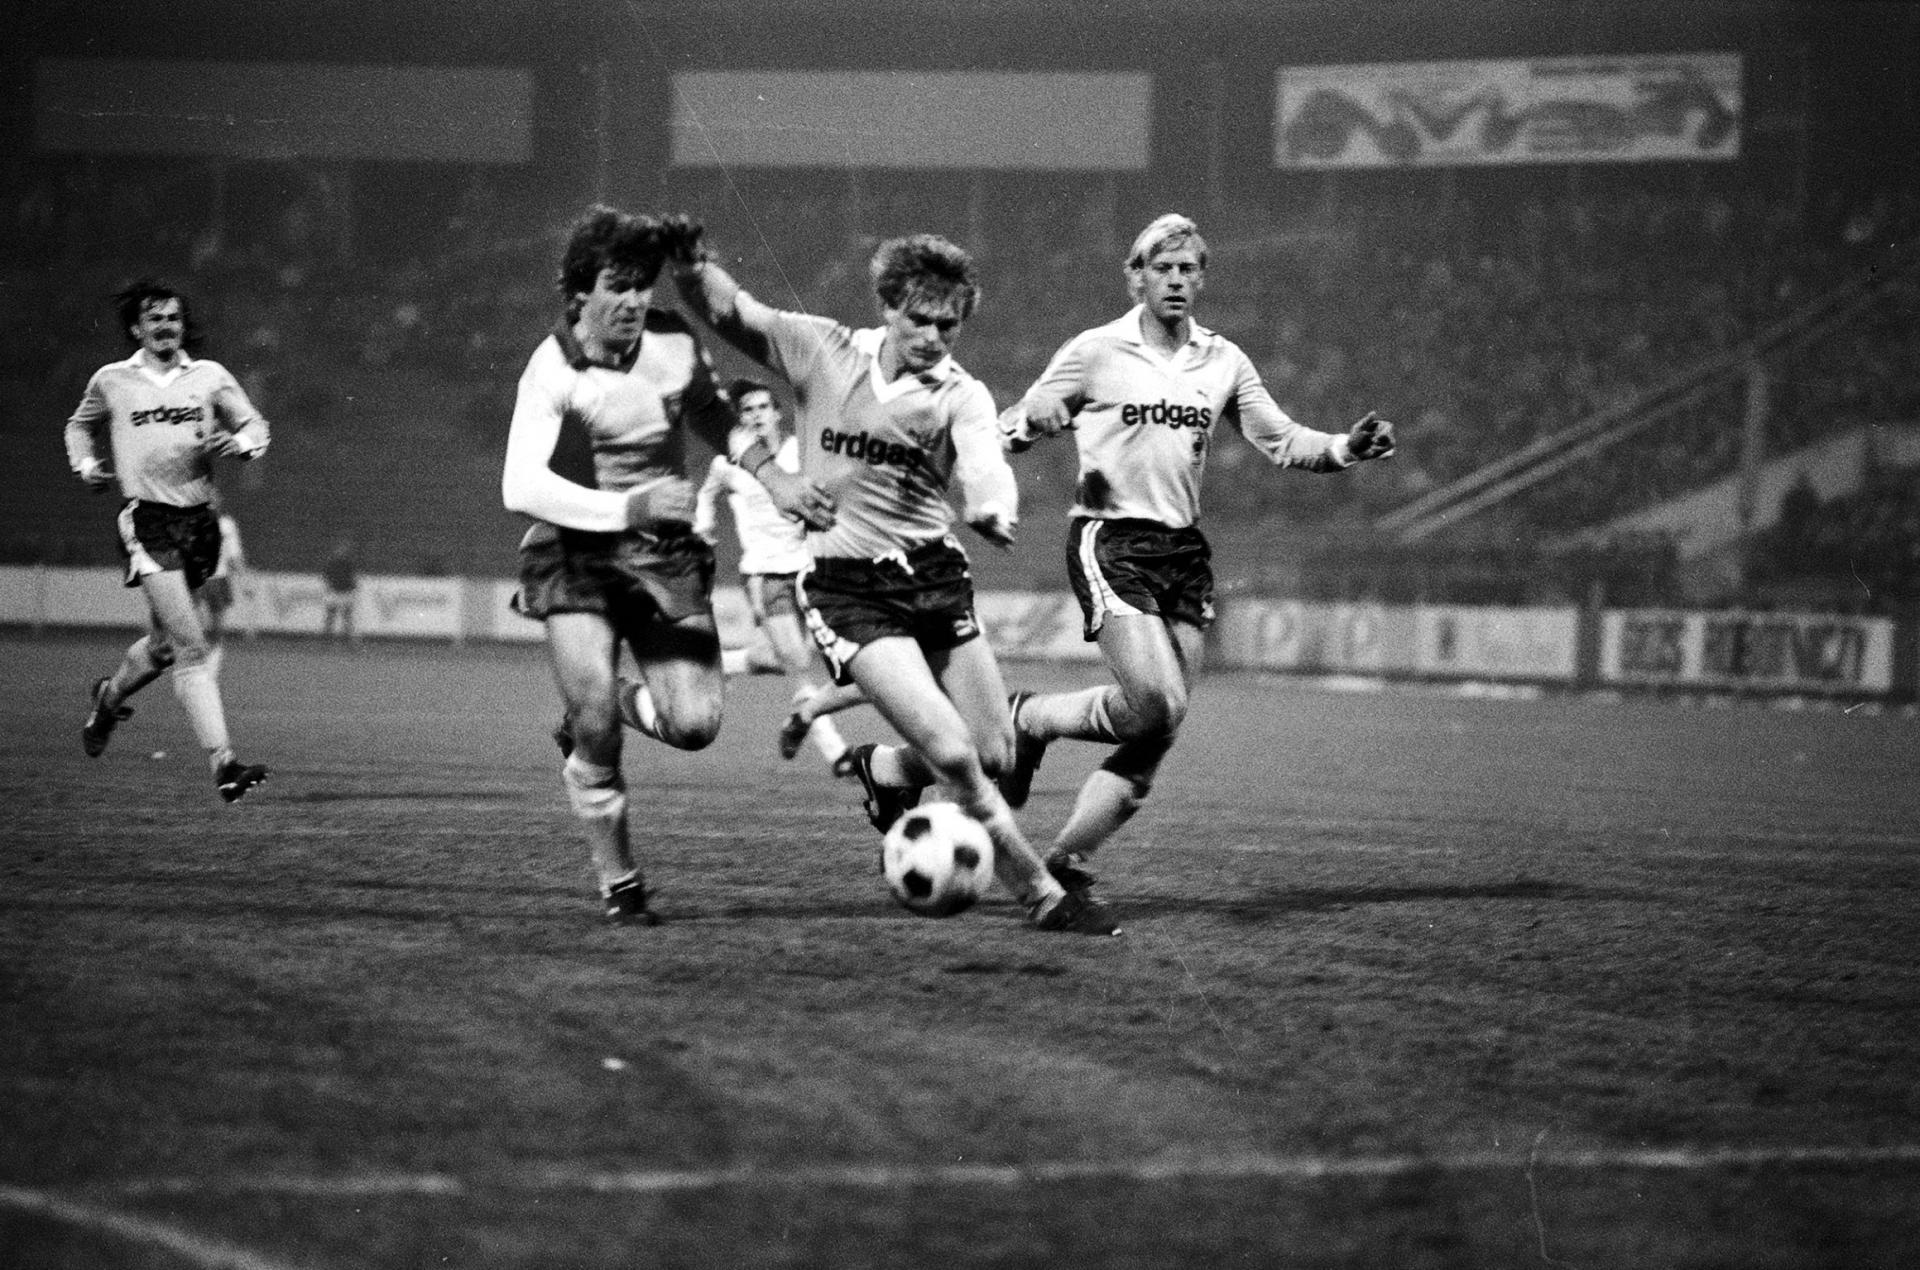 Widzew Łódź – Borussia Mönchengladbach 1:0 (07.11.1984)